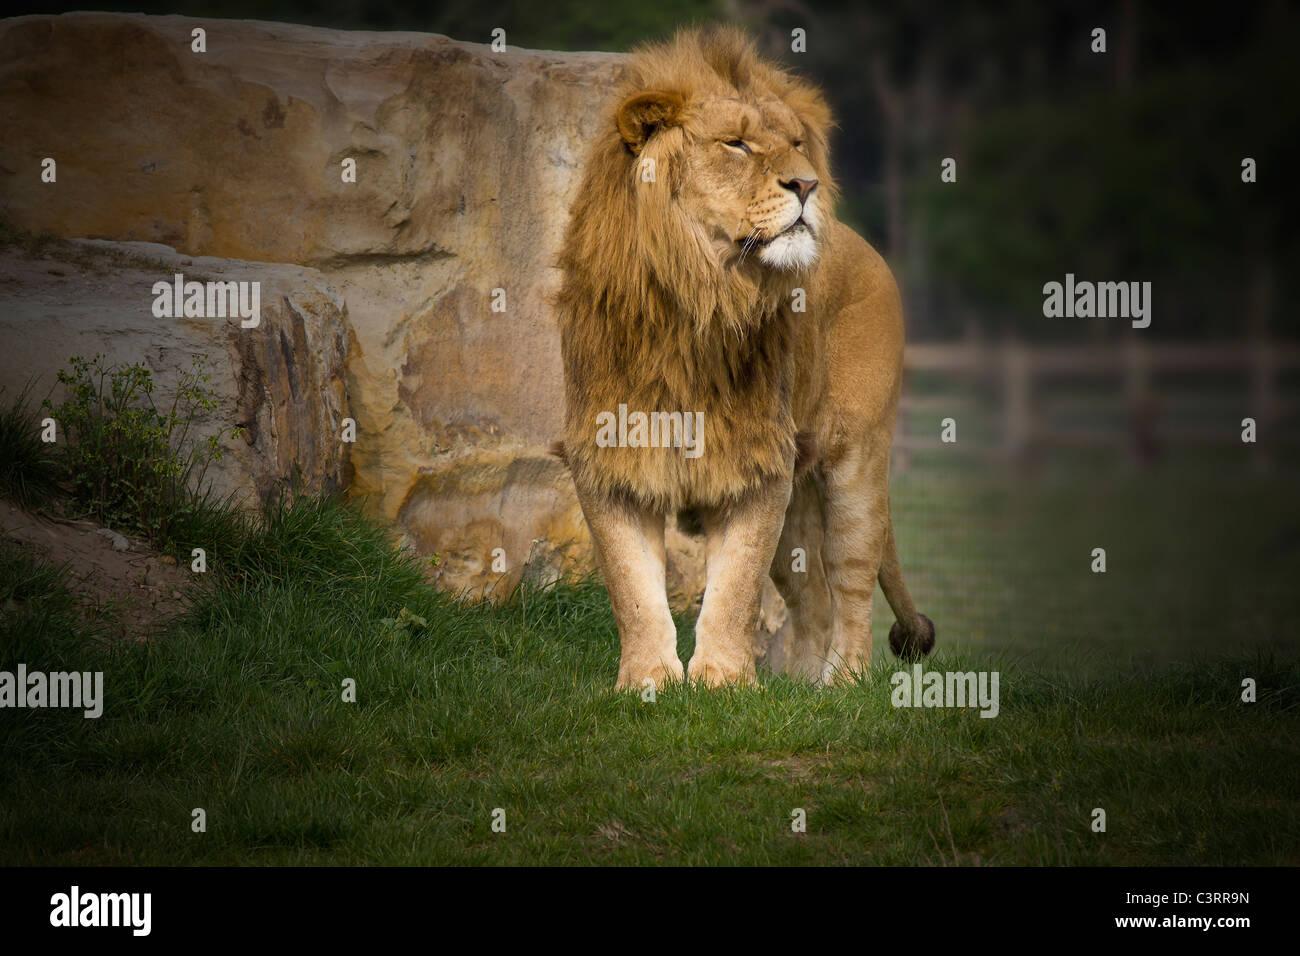 Quel magnifique bête est ce puissant lion mâle Banque D'Images